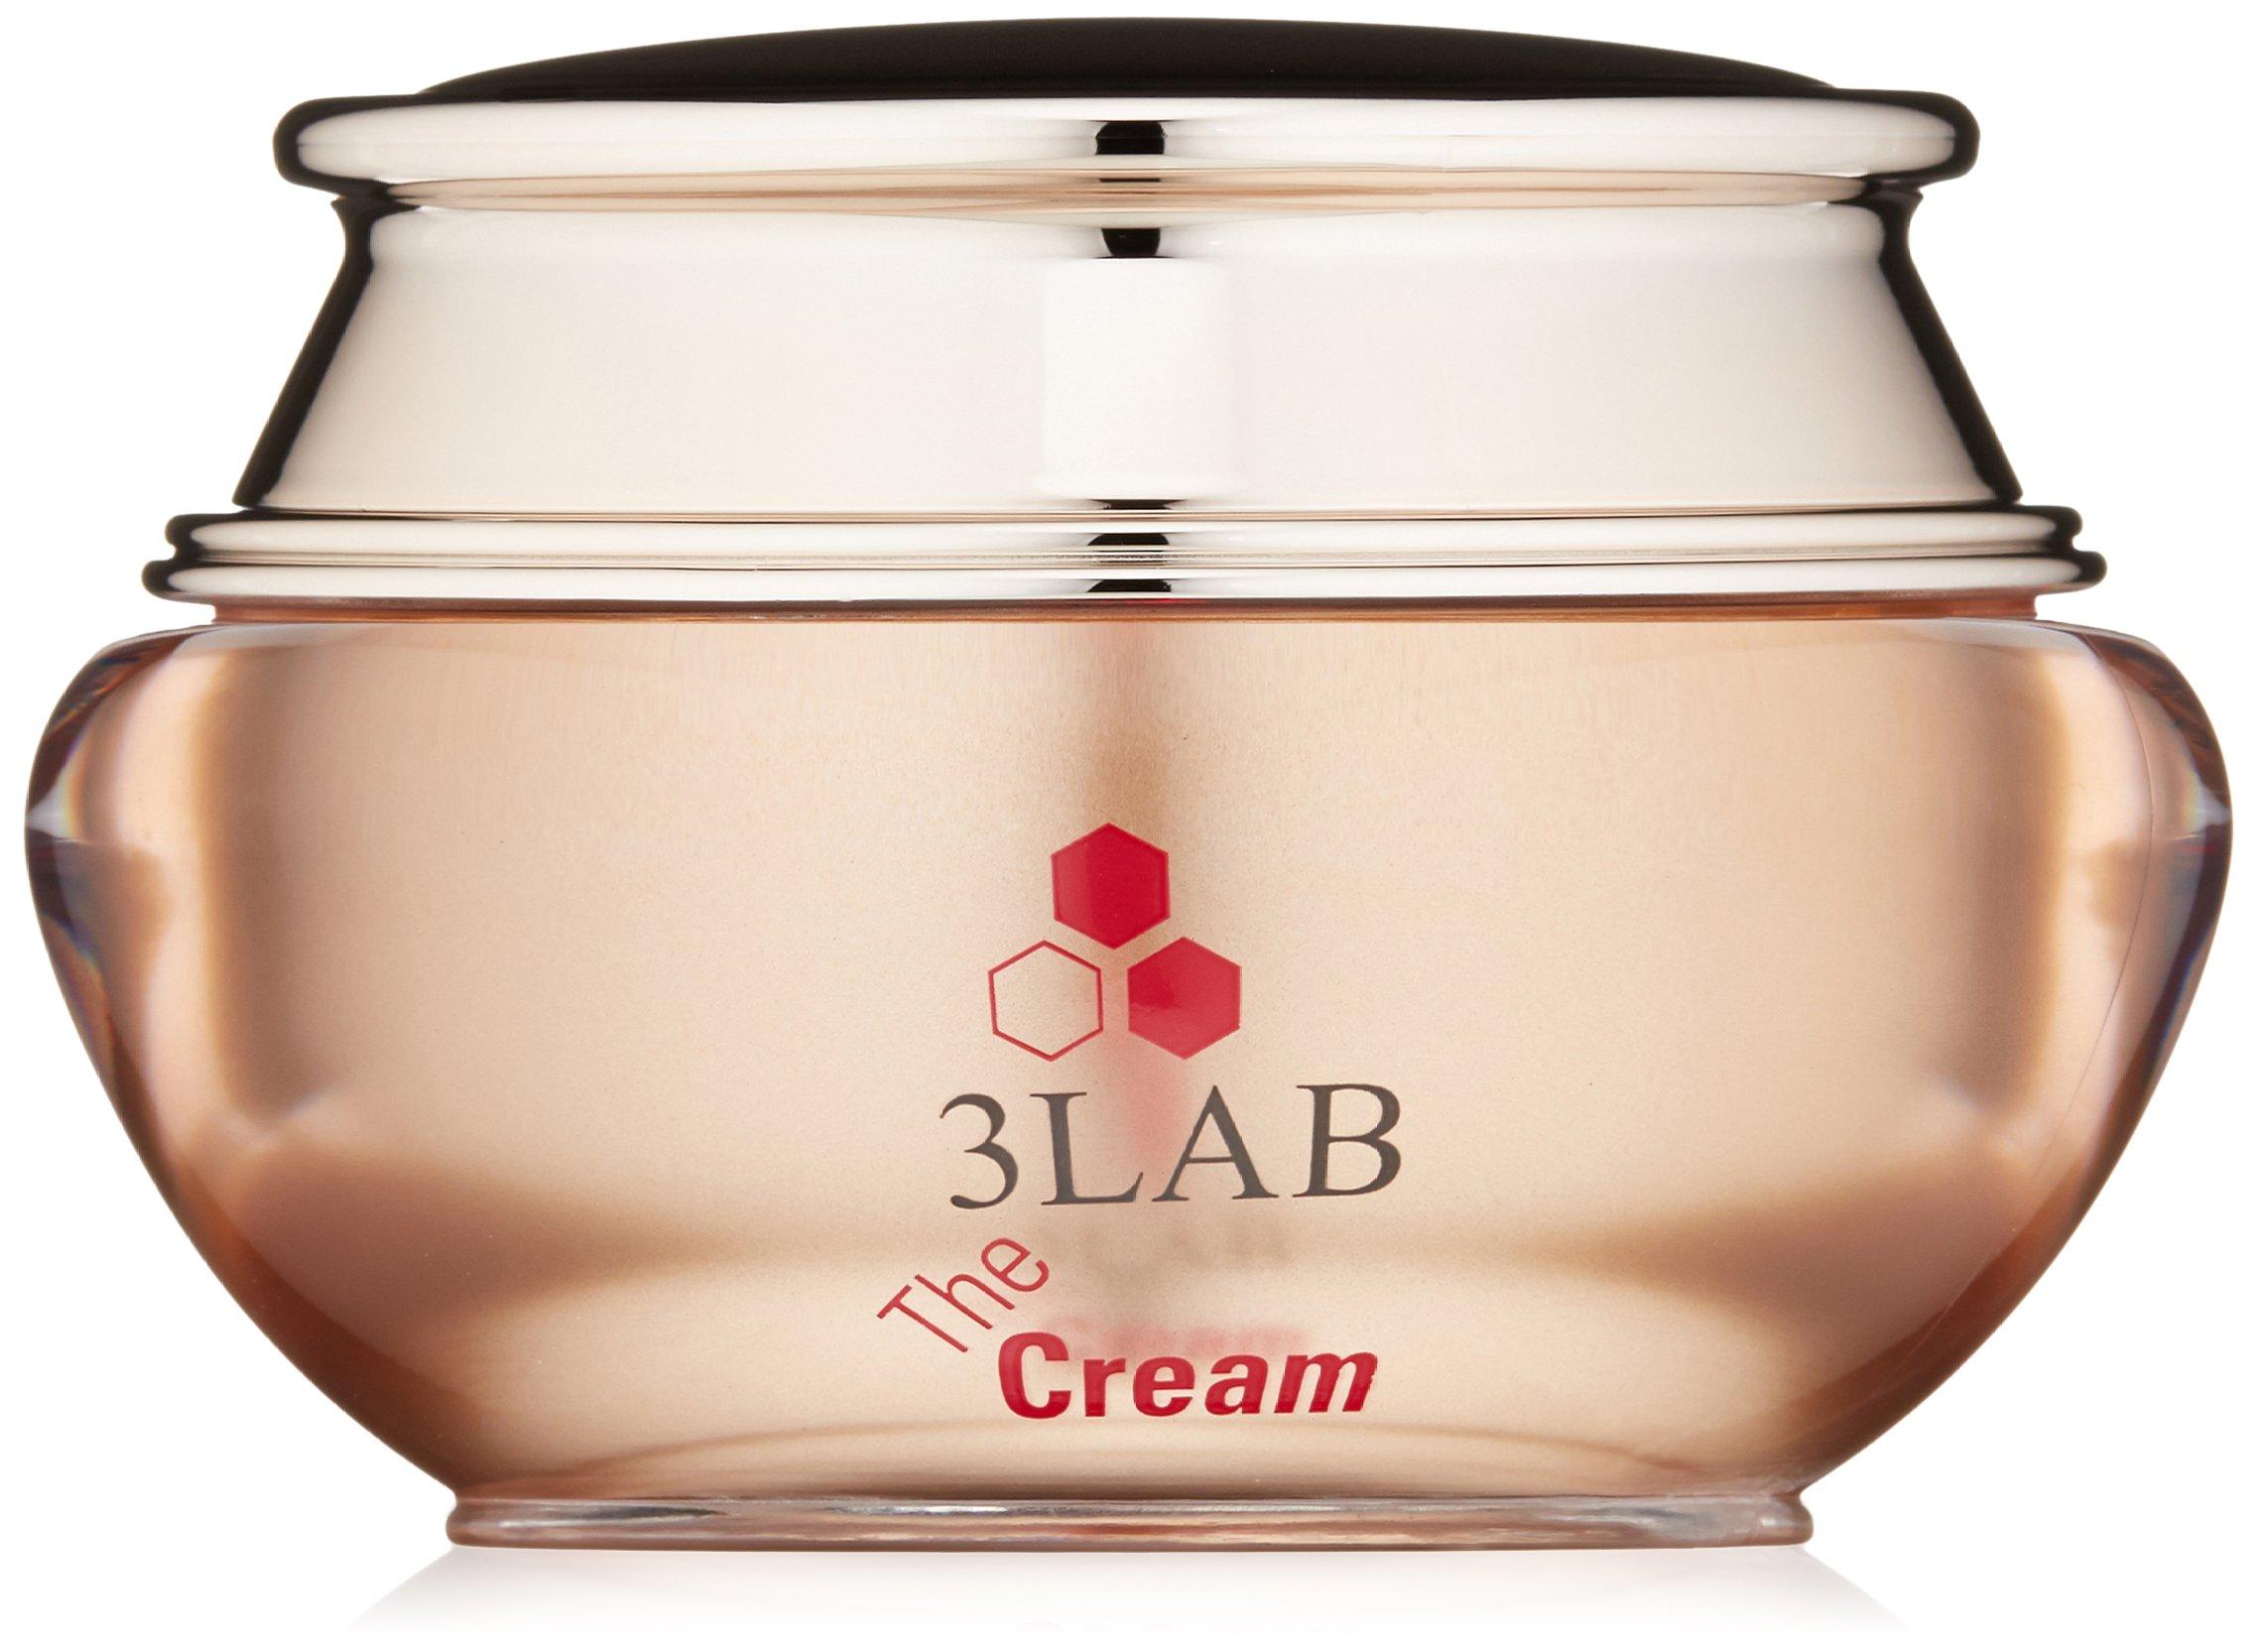 3LAB the Cream, 1.7 Oz.